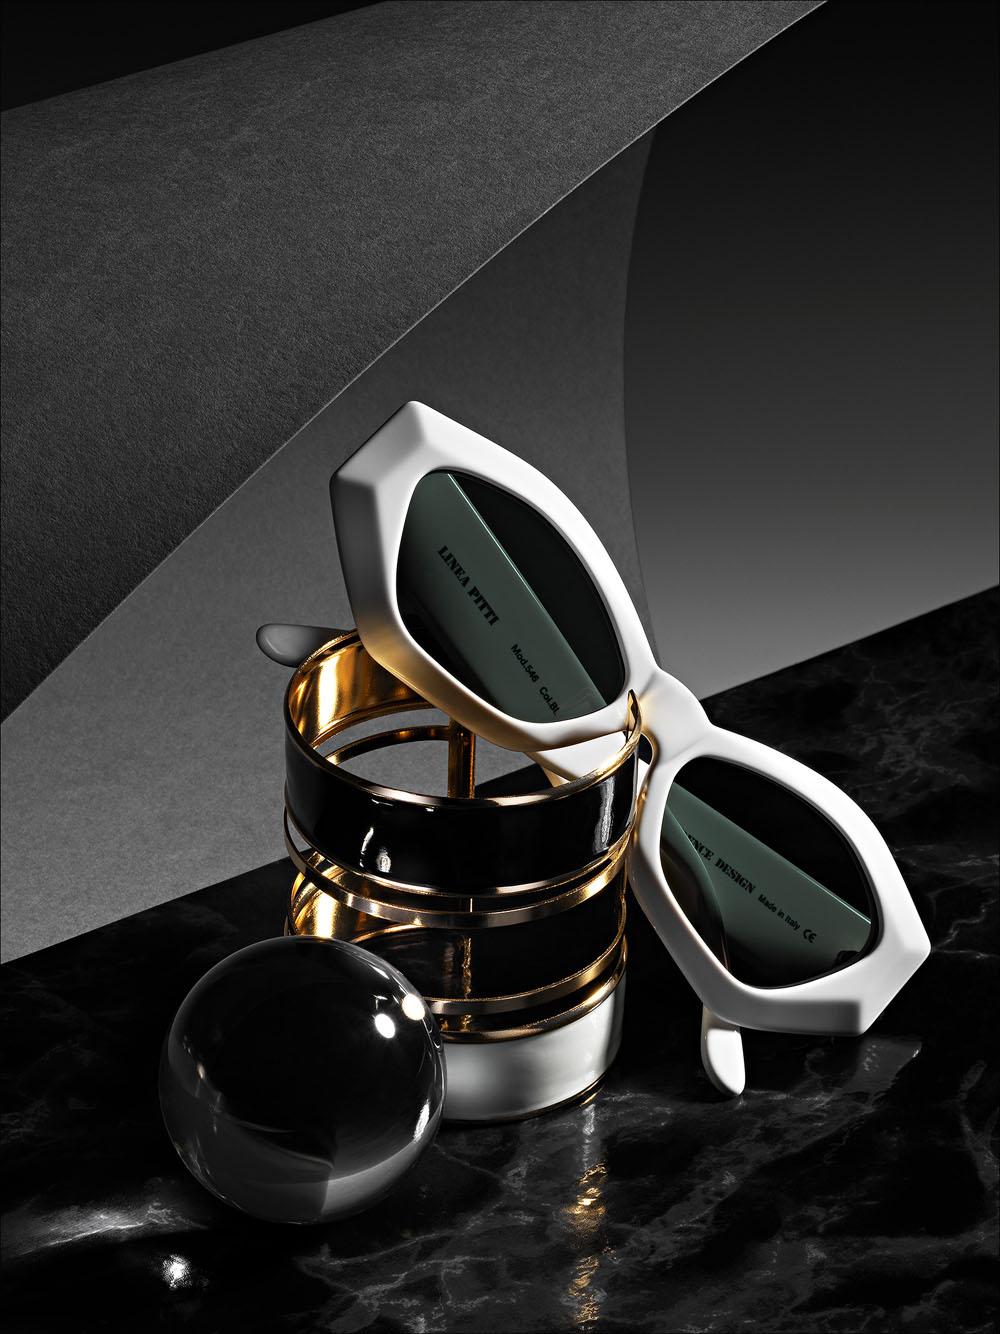 003-fotografo-still-life-fashion-accessories